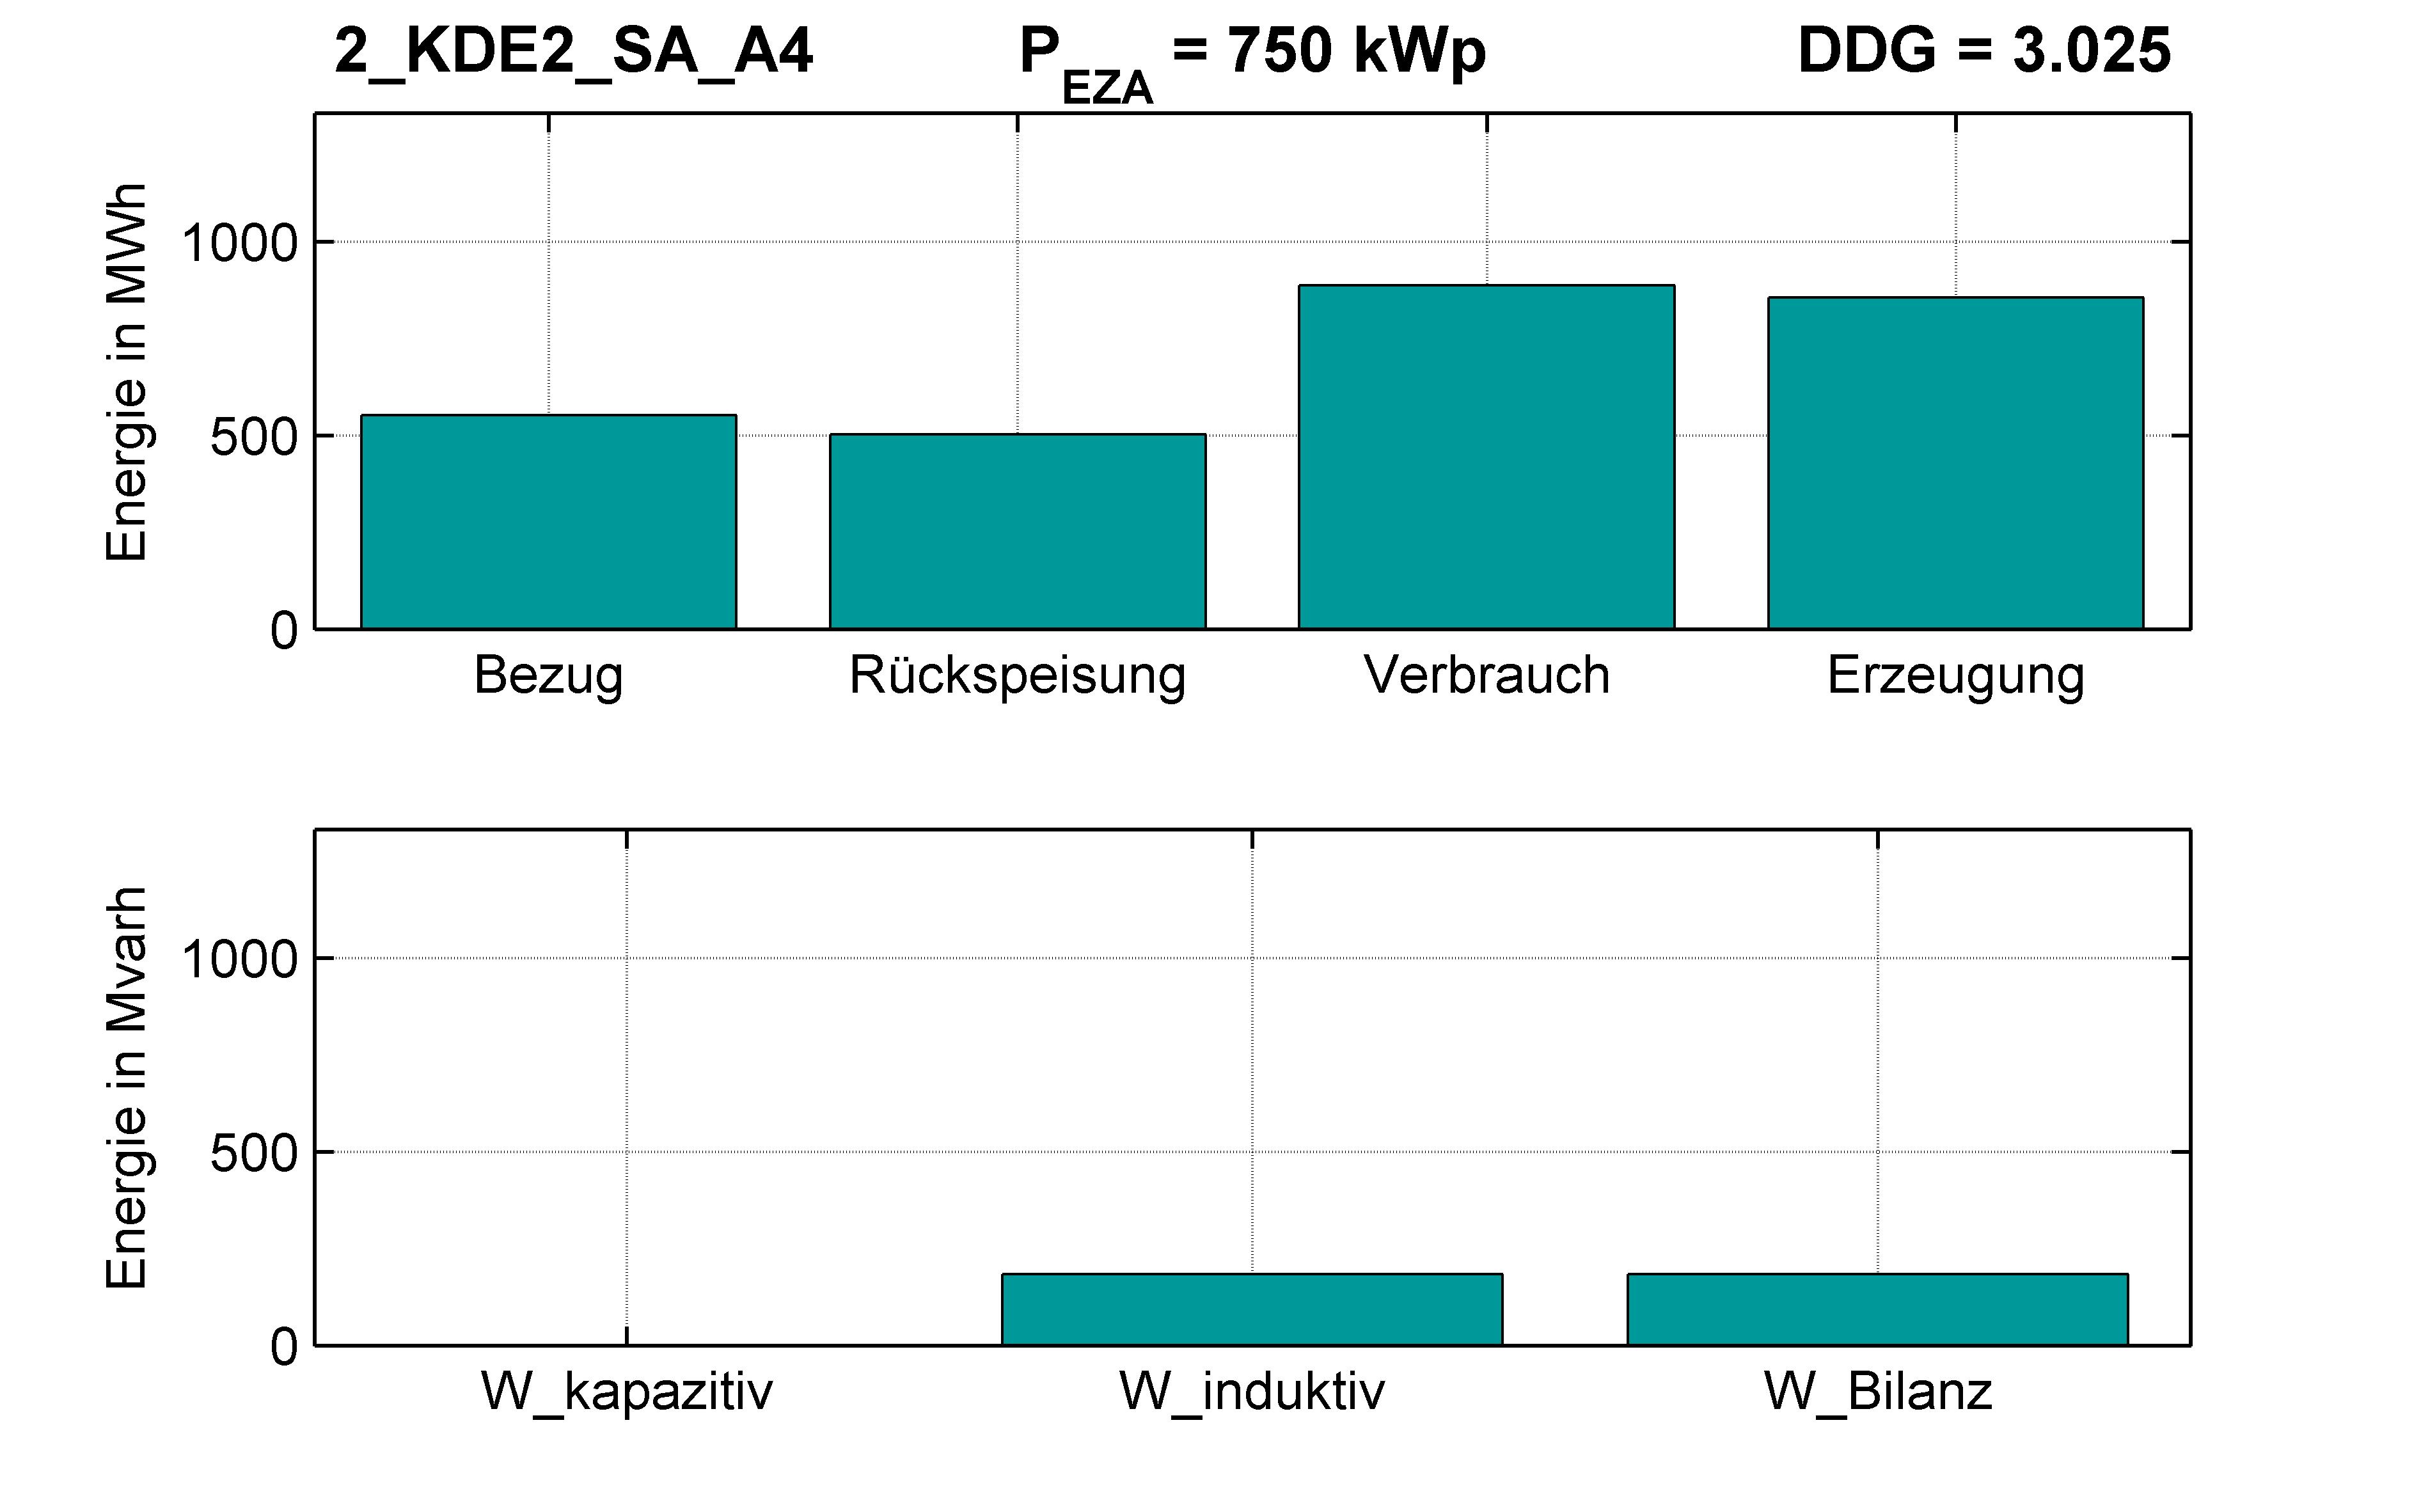 KDE2 | P-Kappung 85% (SA) A4 | PQ-Bilanz